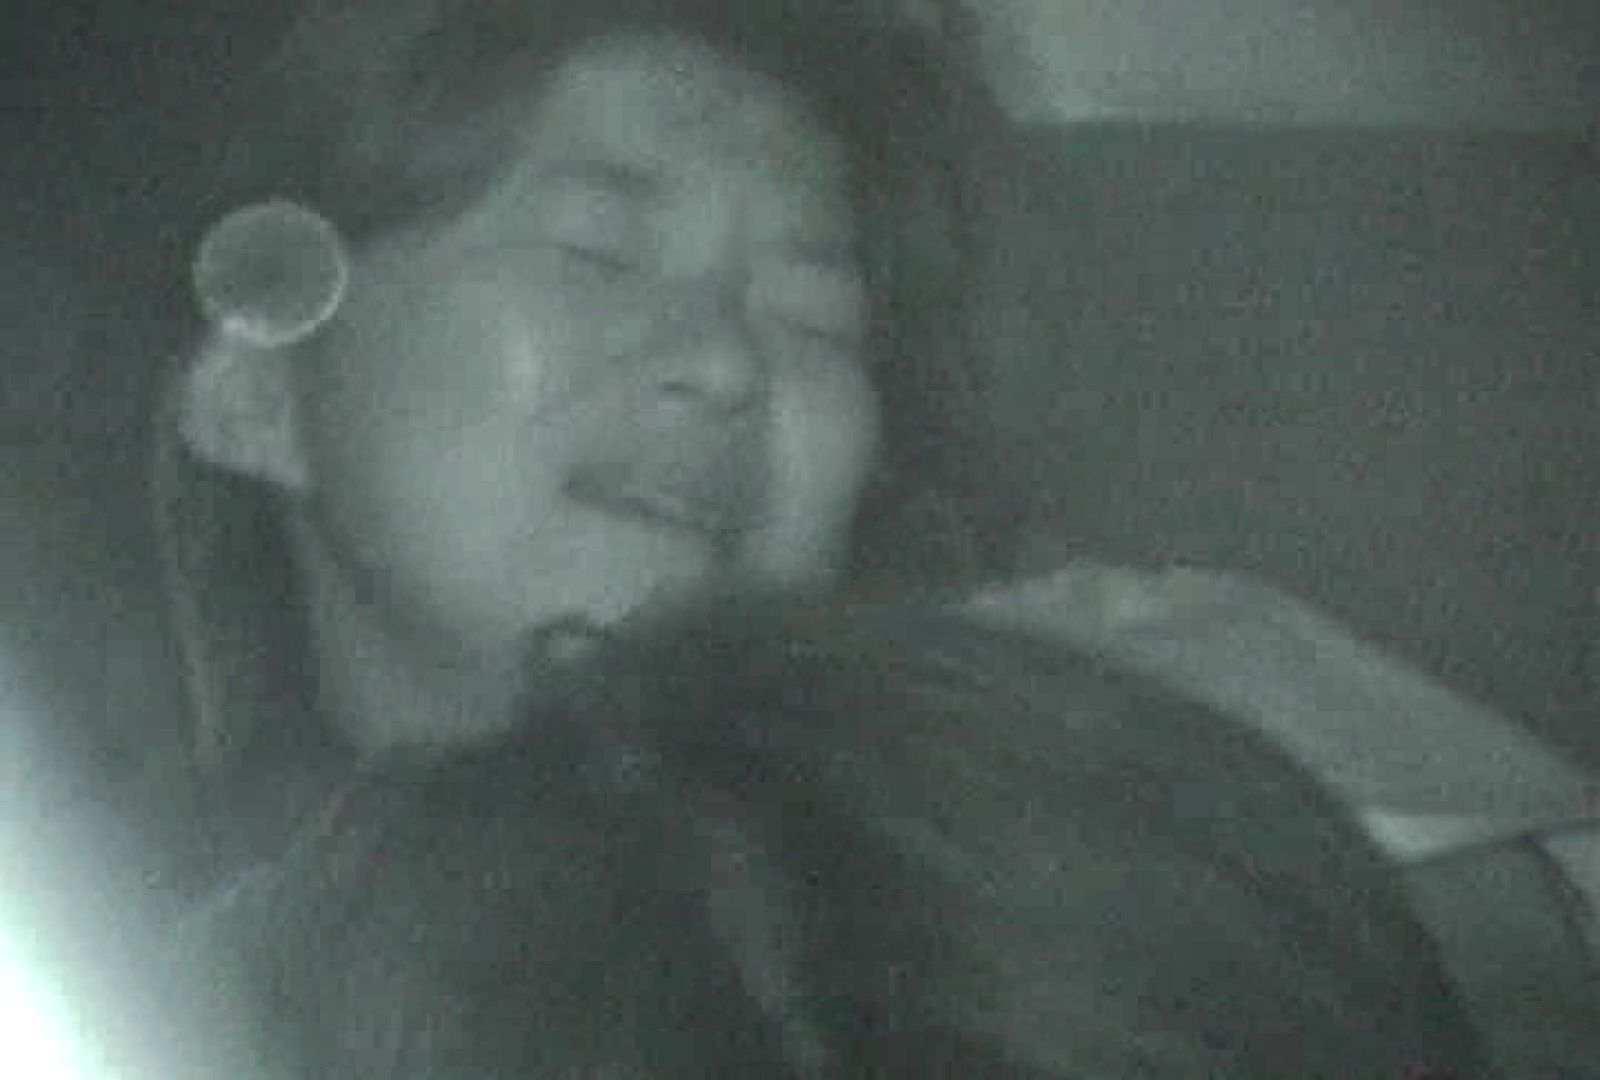 充血監督の深夜の運動会Vol.44 セックス SEX無修正画像 86連発 49